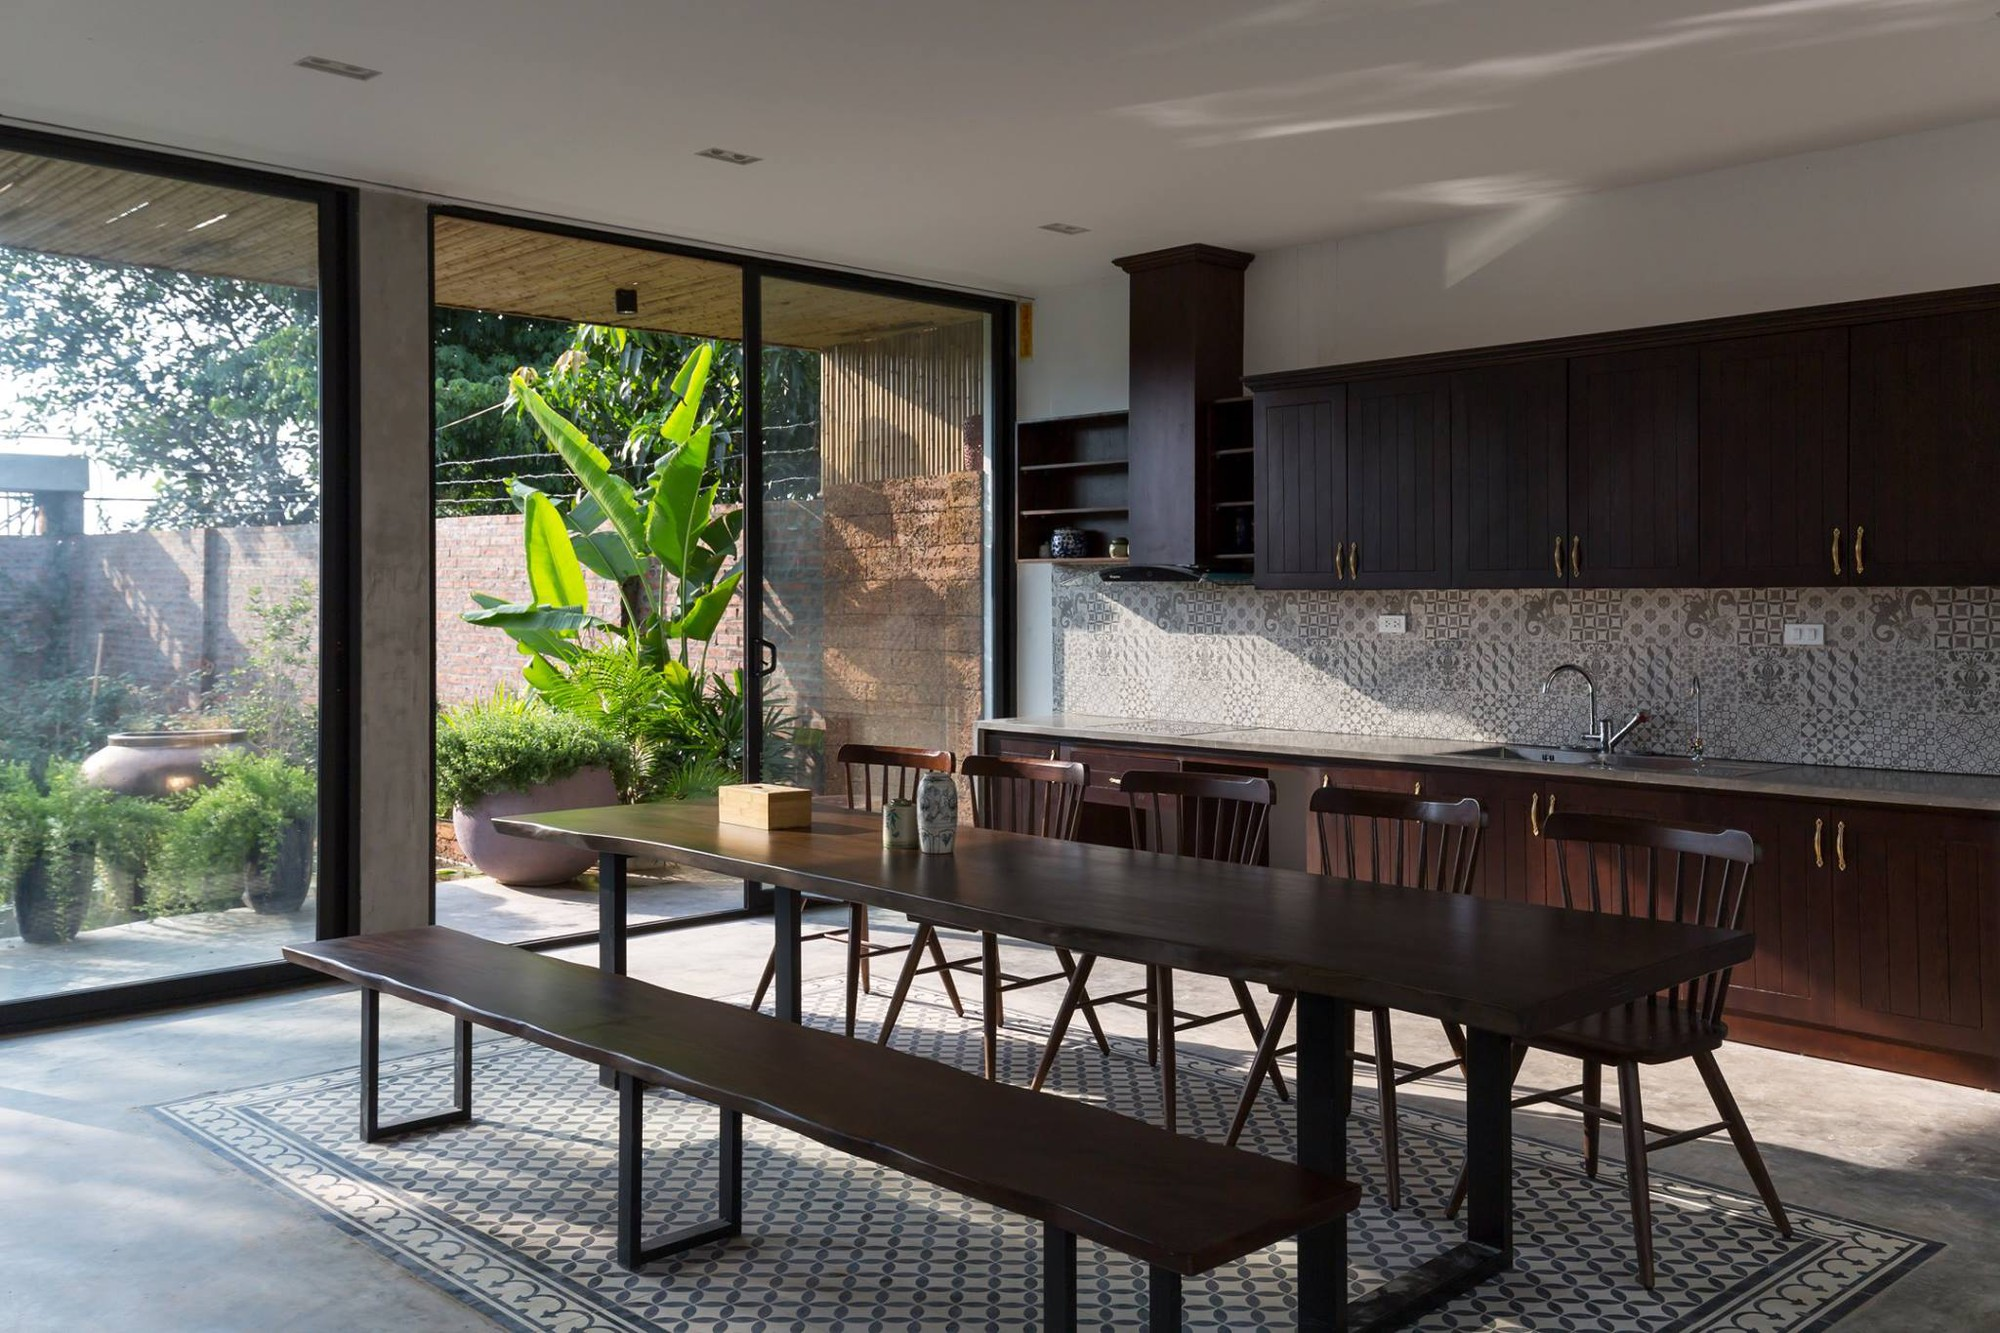 Ngôi nhà cấp 4 chan hòa ánh nắng và cây xanh mang lại vẻ yên bình đến khó tin ở Hà Nội - Ảnh 13.